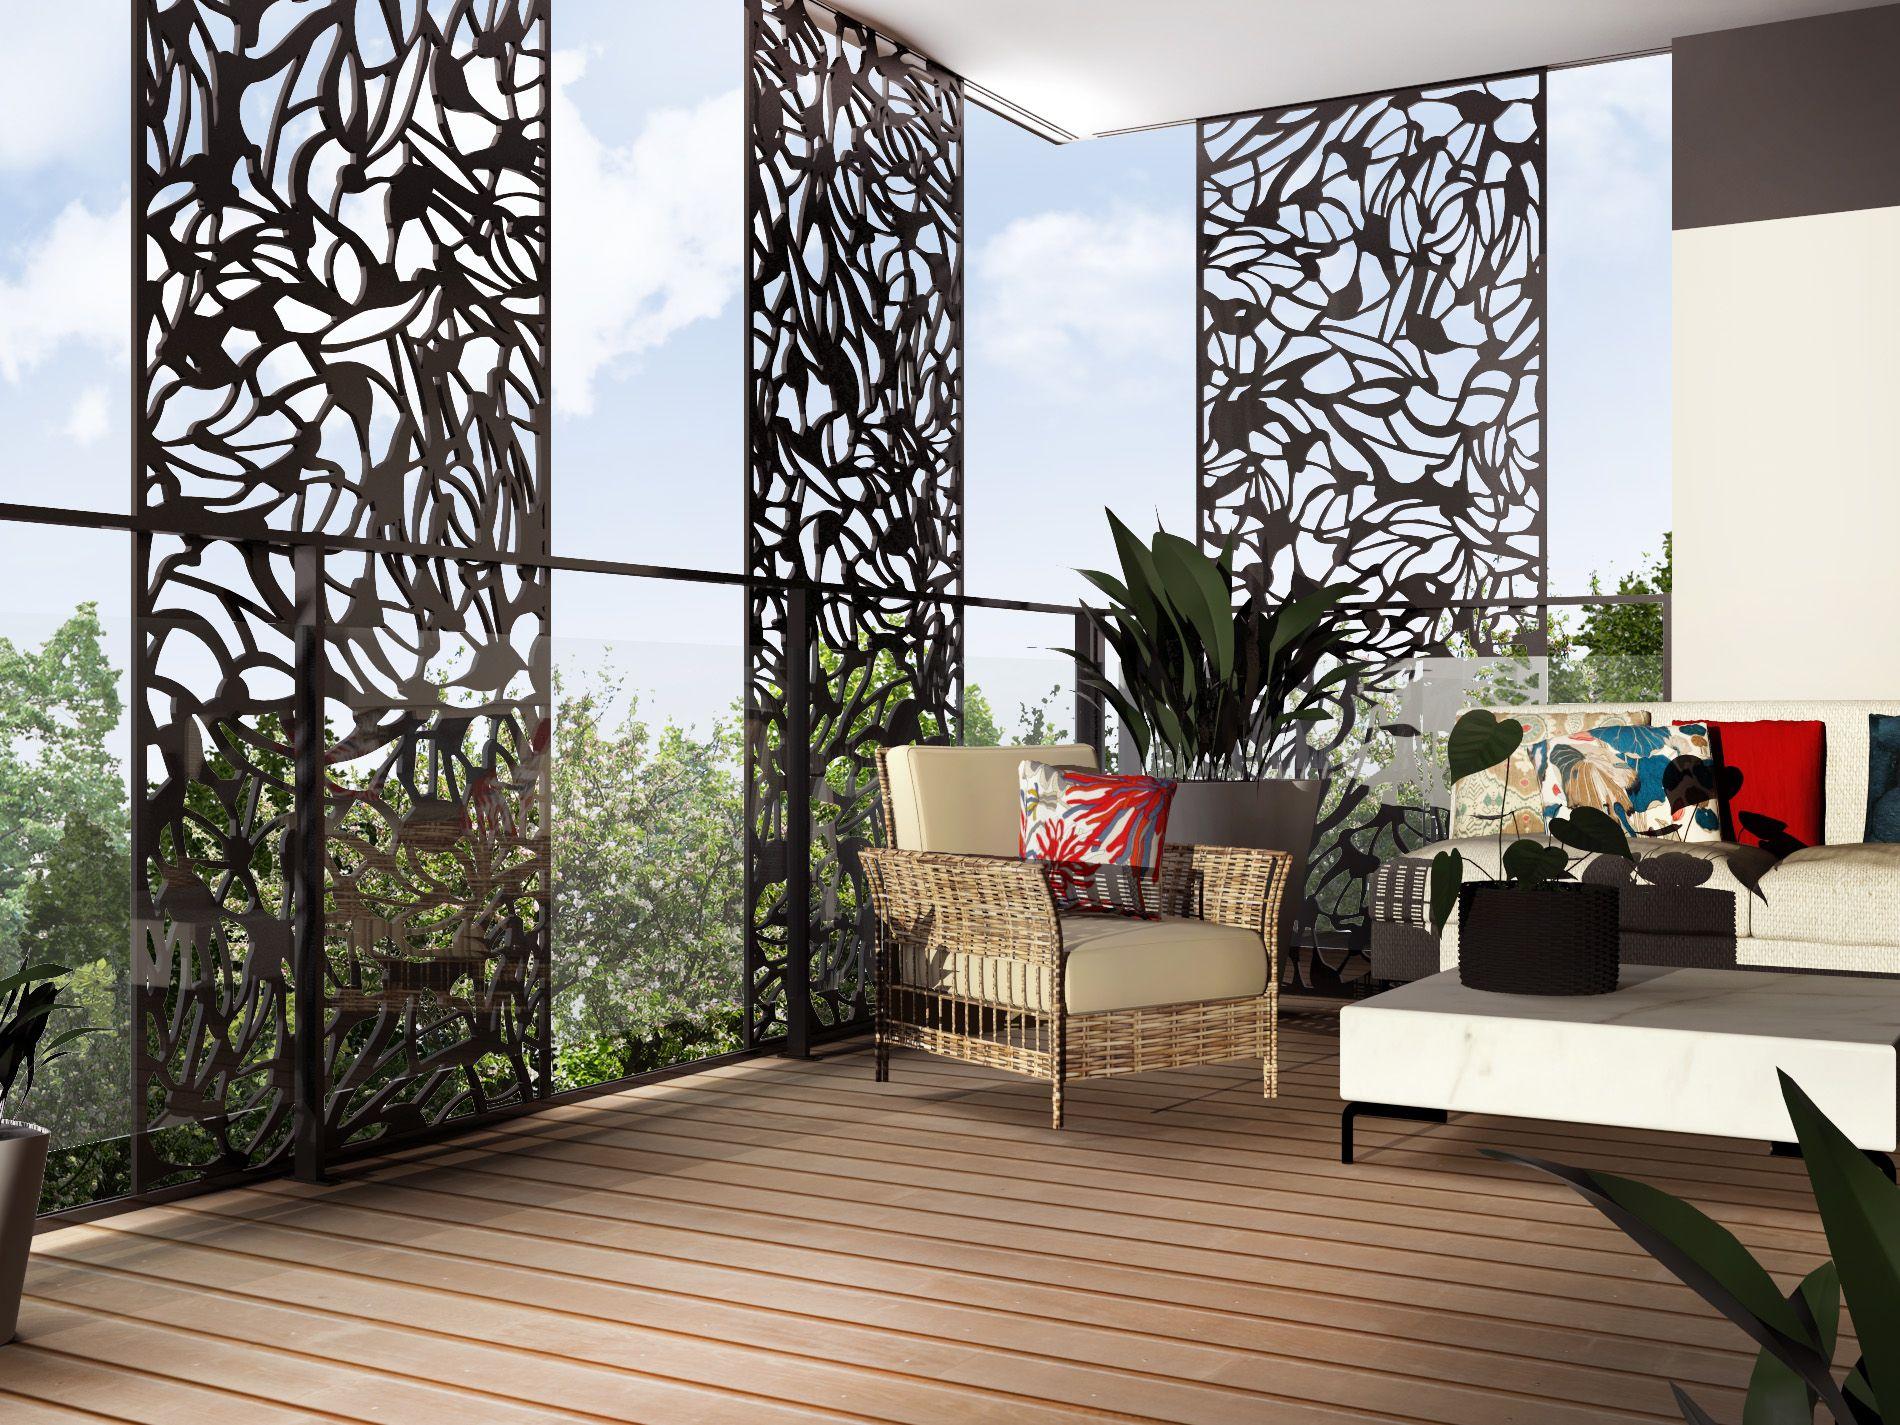 Claustra Décorative | Balcon | Terrasse | Brise-Vue | Brise ... avec Claustra Pour Jardin